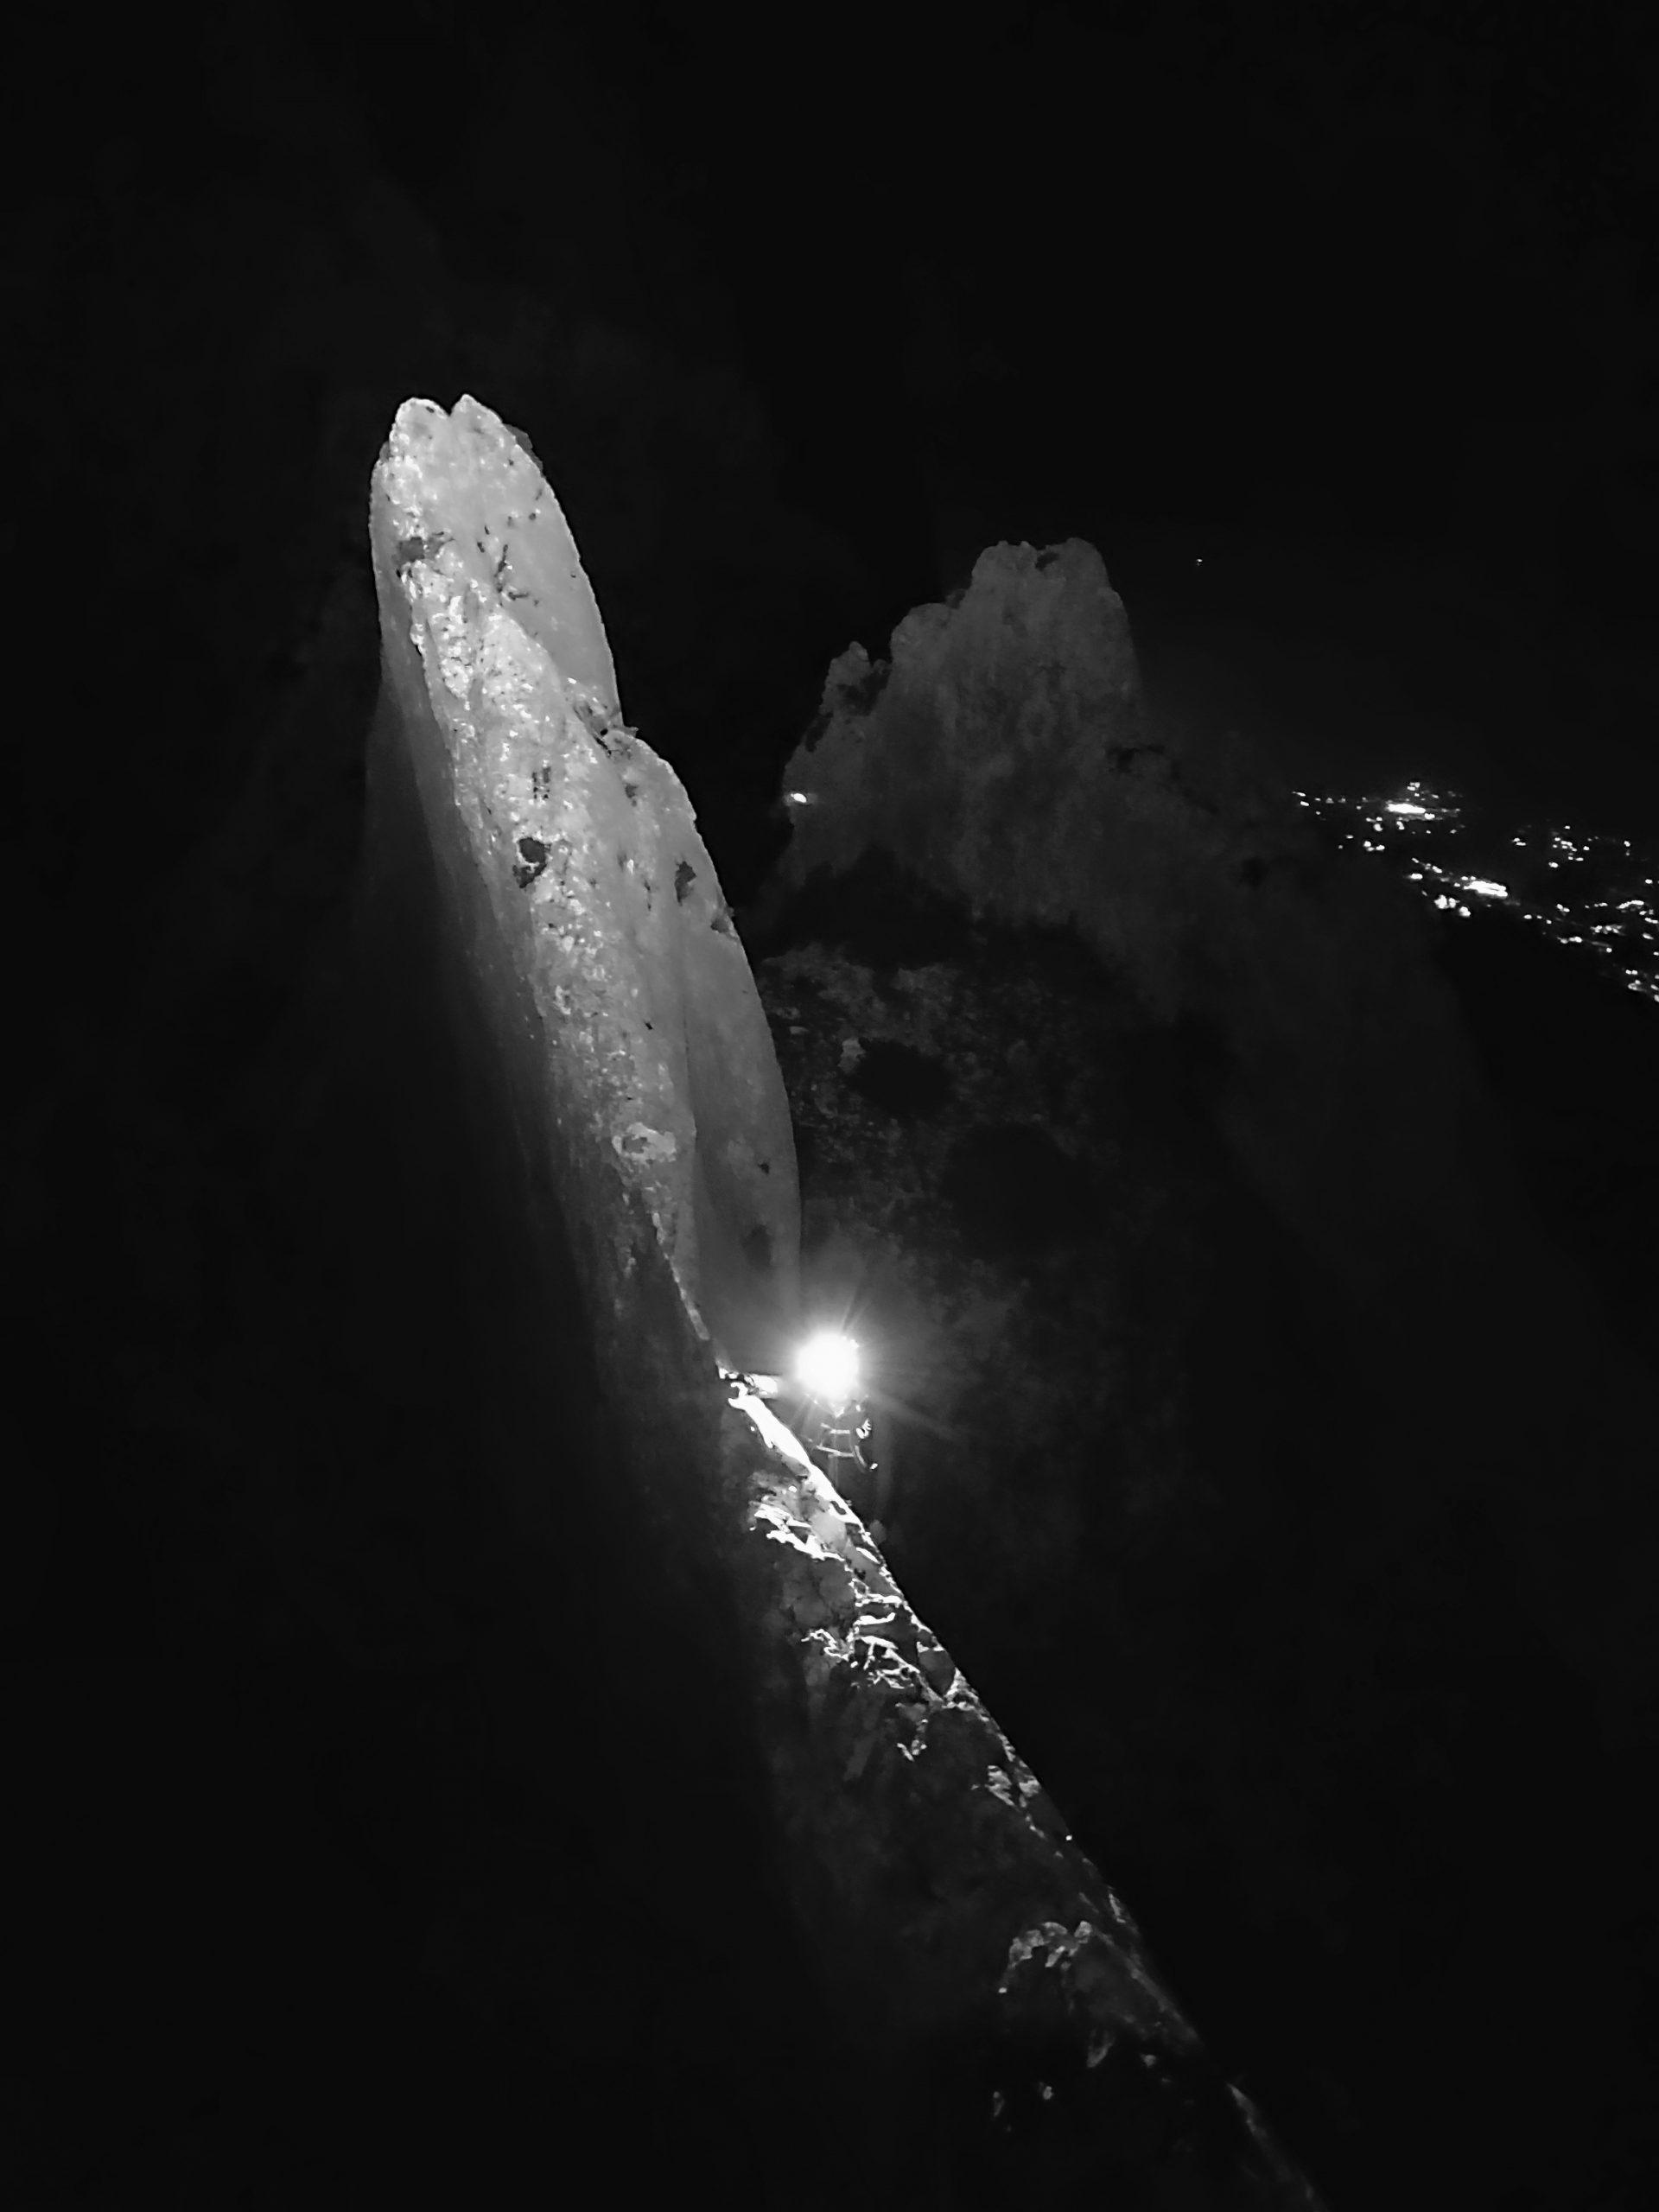 Bernia ridge at night